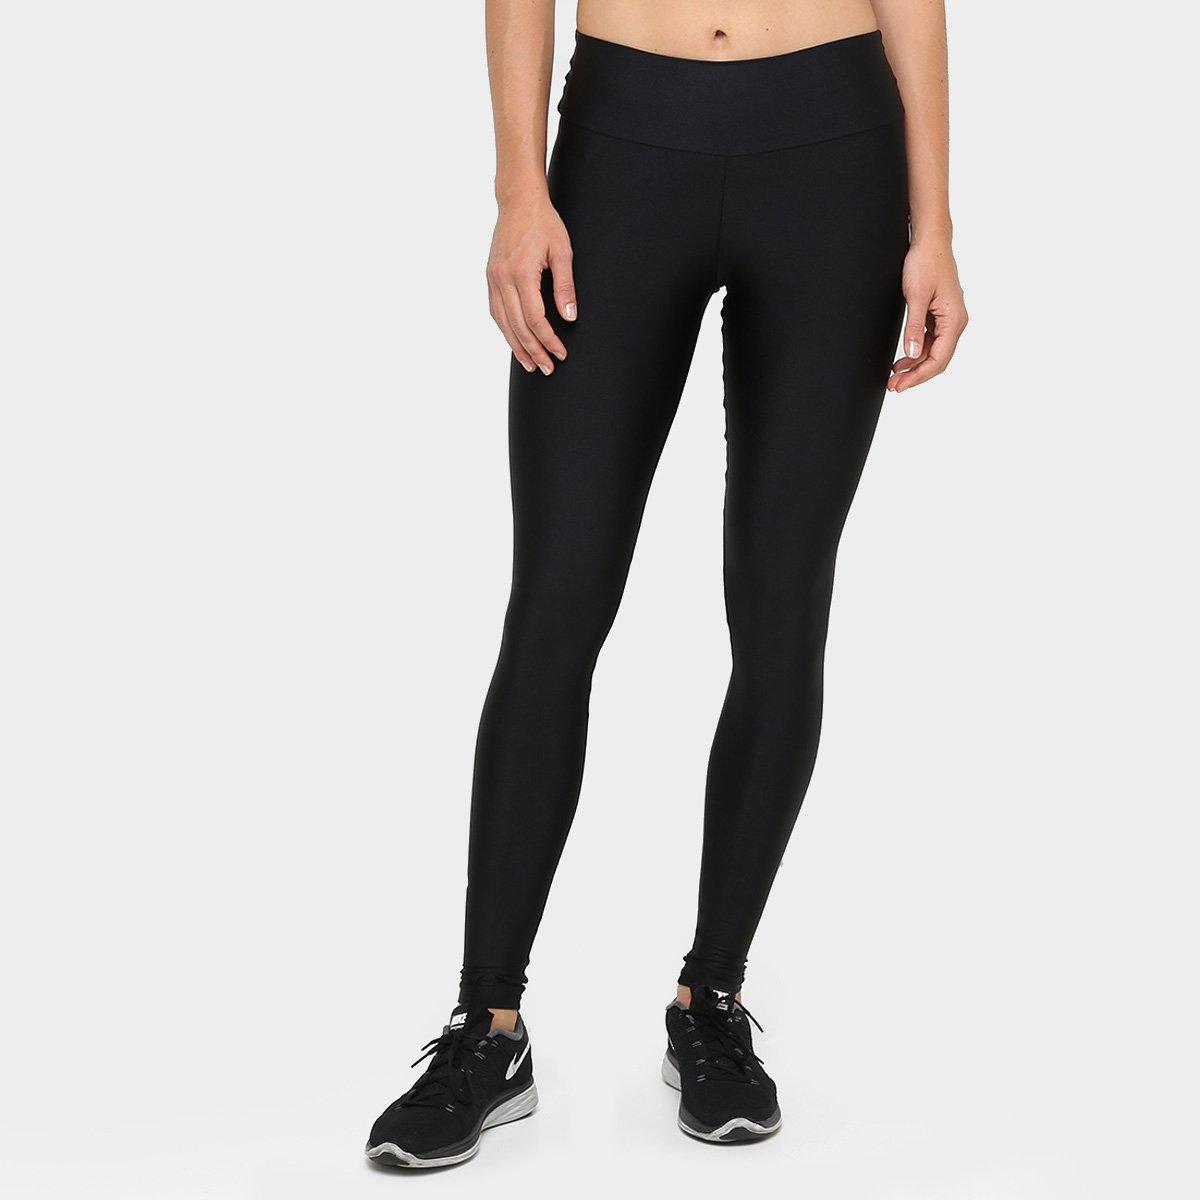 Calça Legging Live Fusô Glossy Effect Feminina